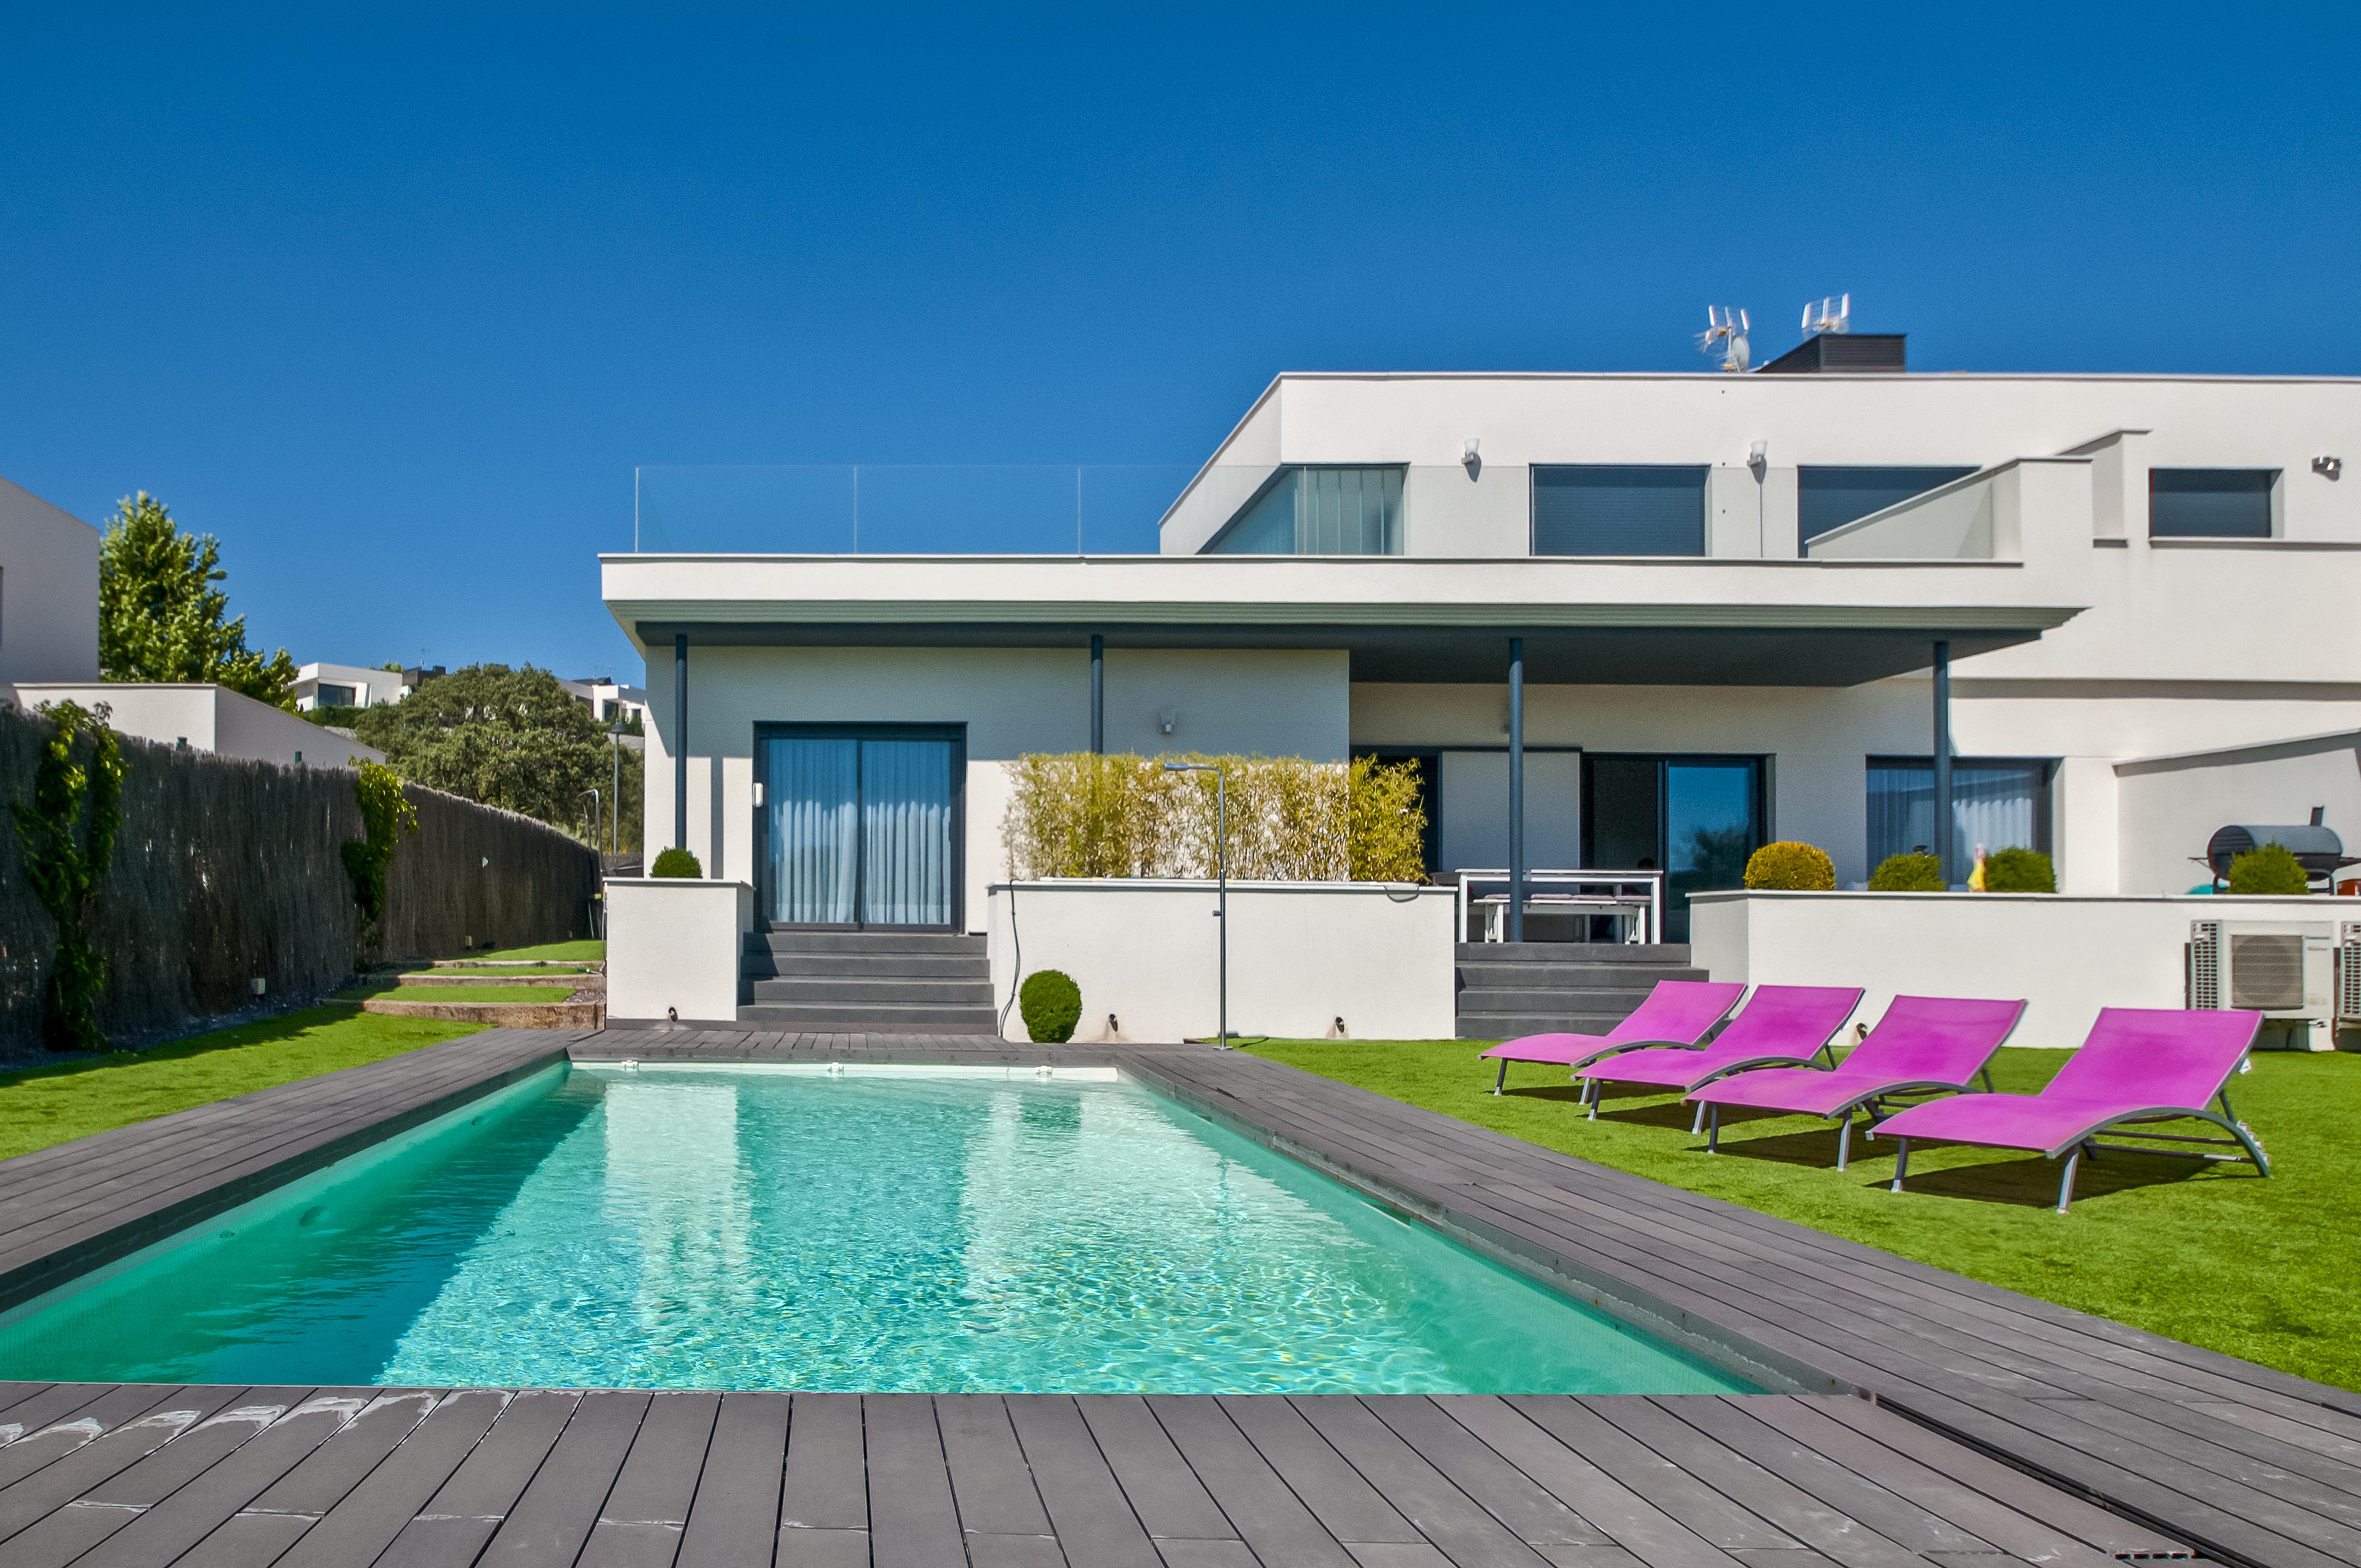 las nuevas viviendas de lujo en madrid sern un ms caras que la actual oferta